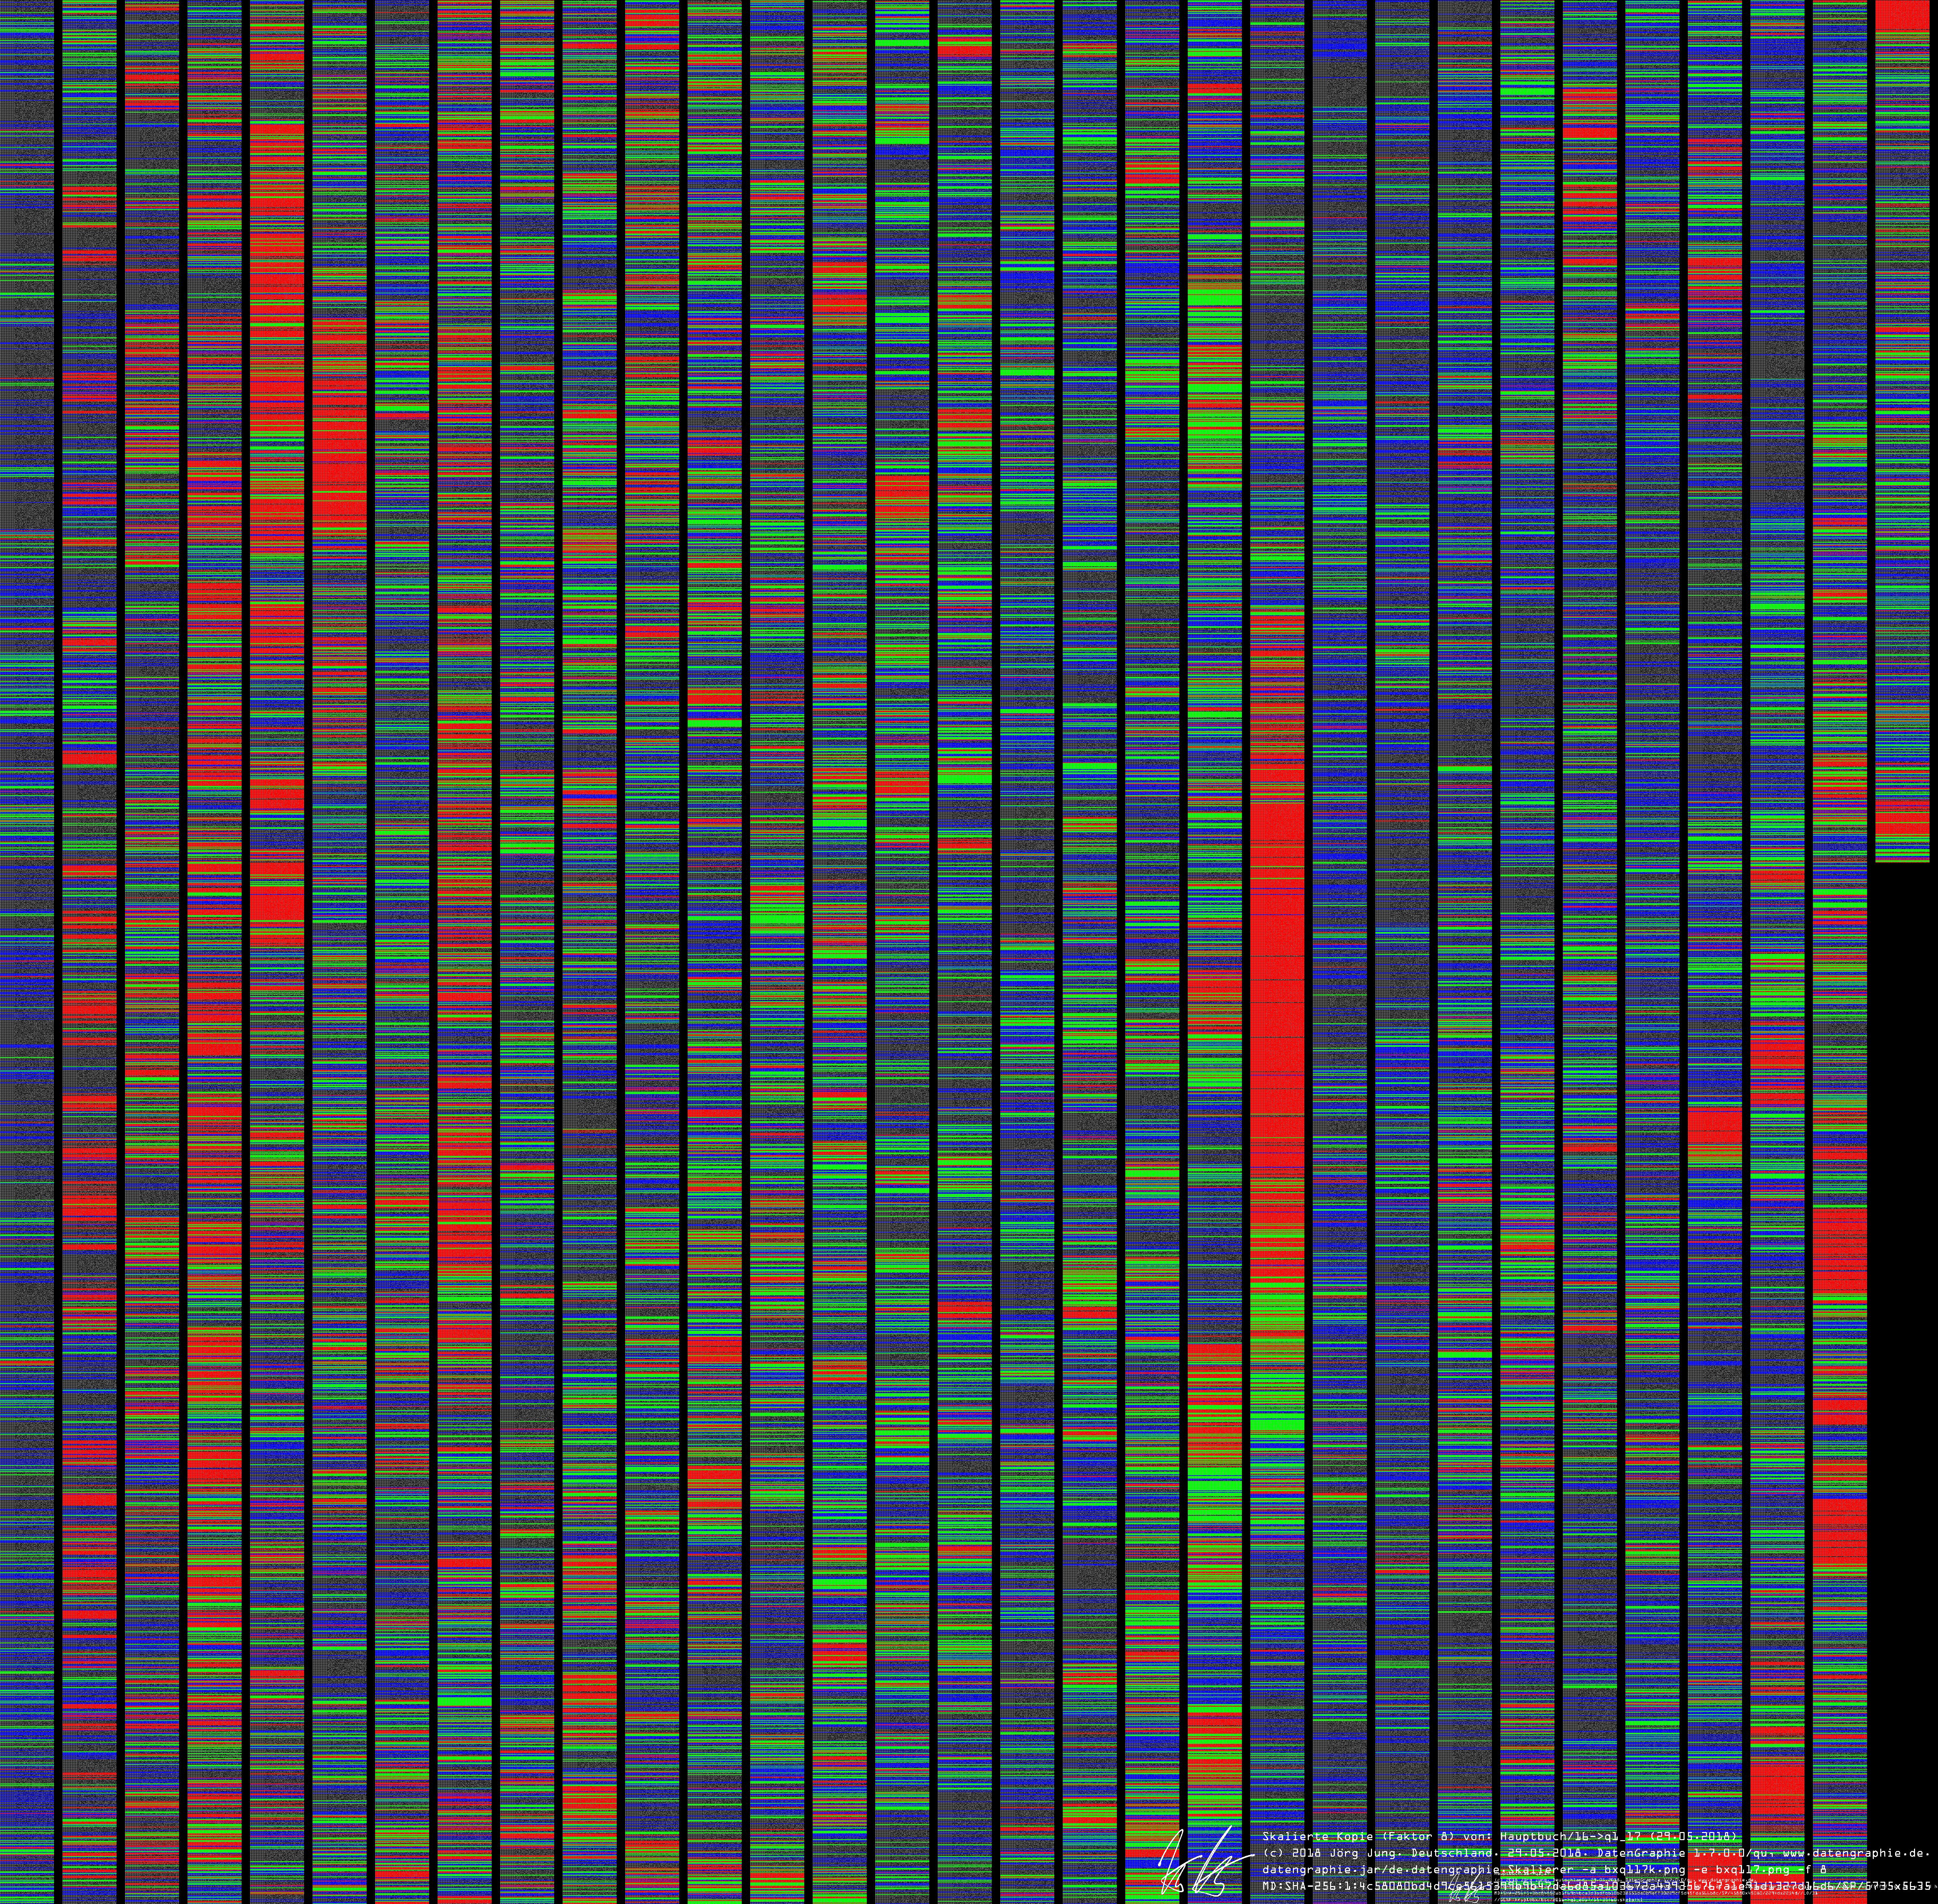 datengraphie: krypto: Hauptbuch/16-q1_17 by datengraphie